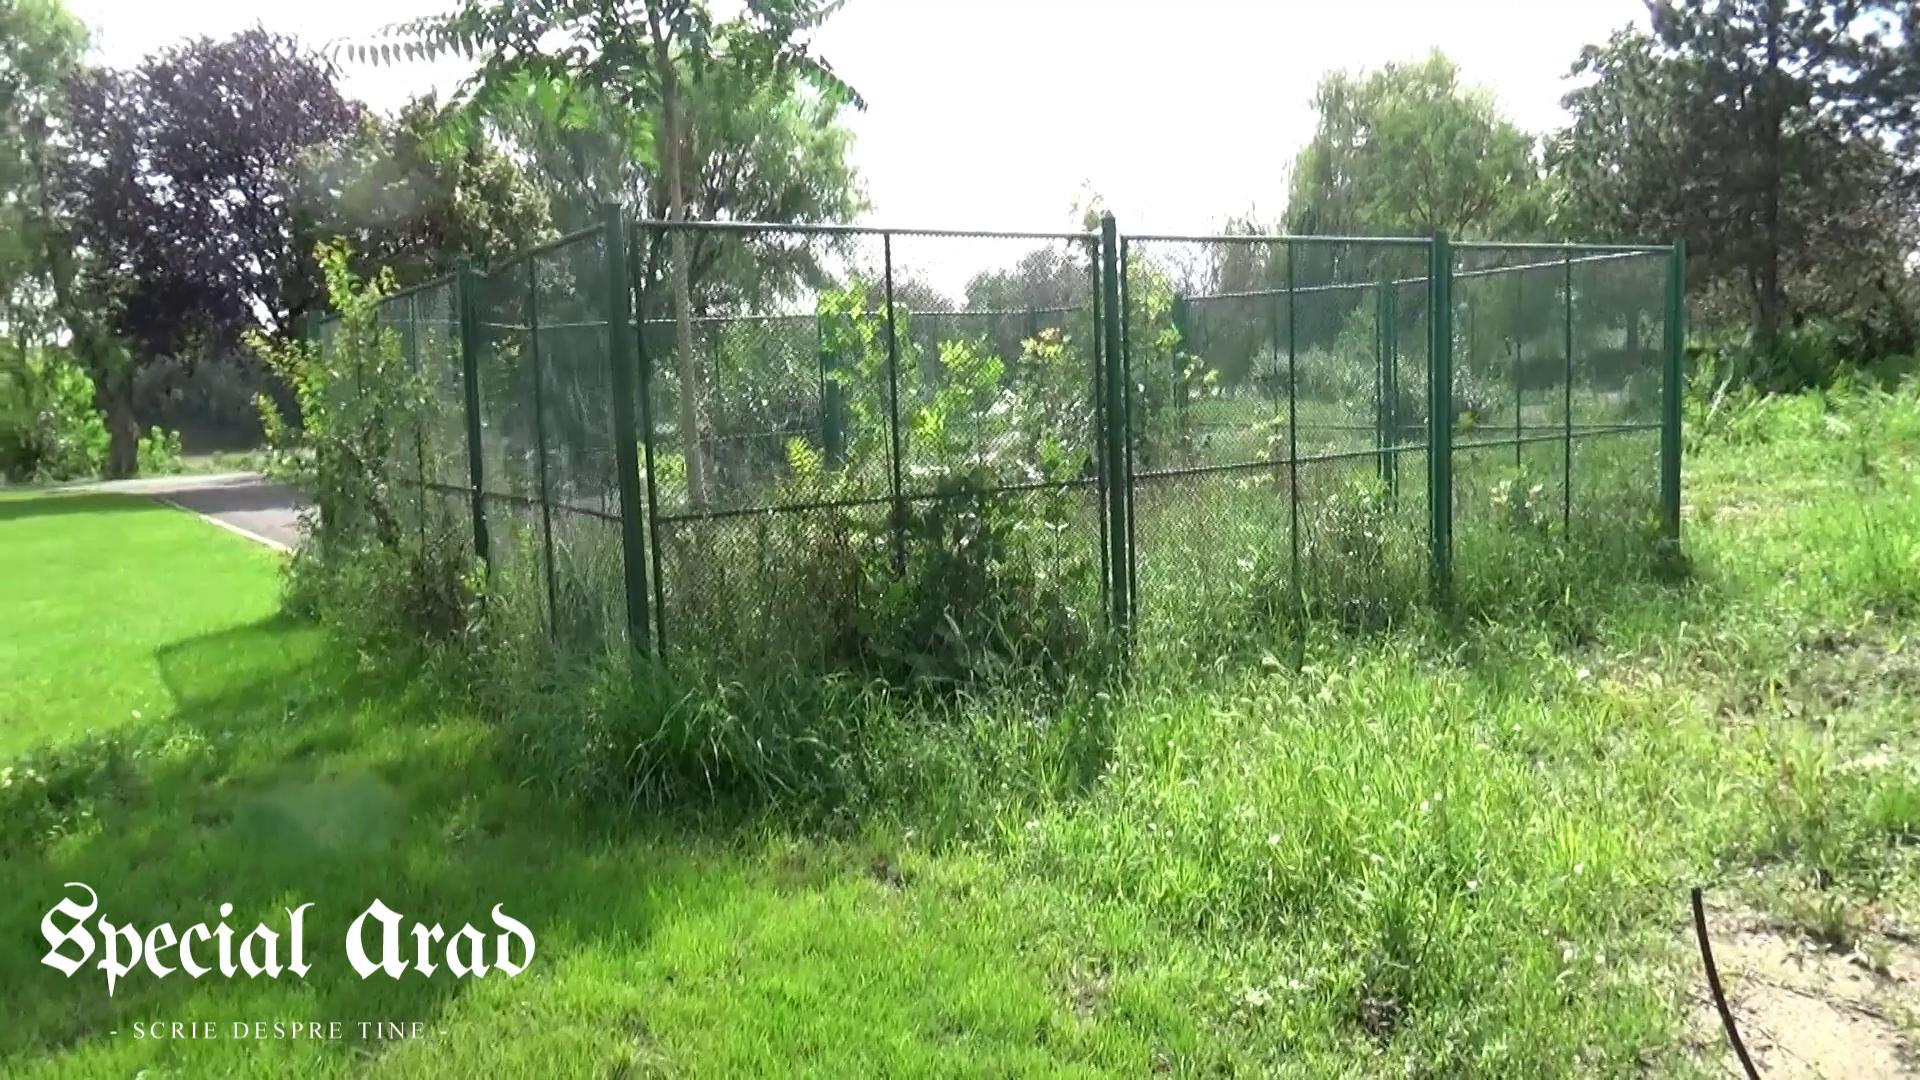 vlcsnap-2014-08-09-02h31m37s3